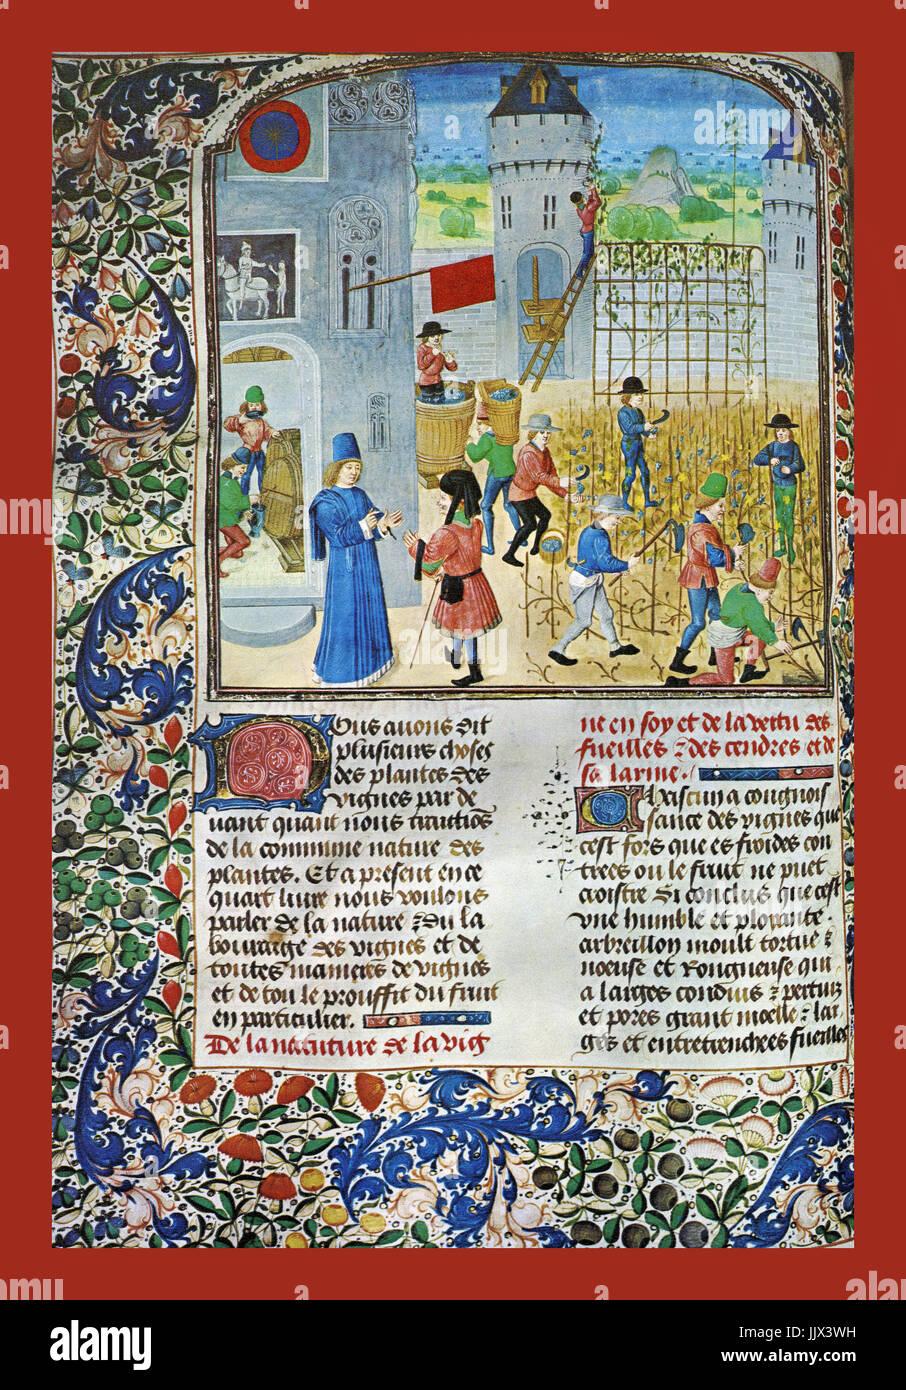 """HISTORISCHE Weinlese / Wein Produktion beleuchtet DESIGN IN THE 15TH Jahrhundert von Pierre de Crescens """"Livre Stockbild"""